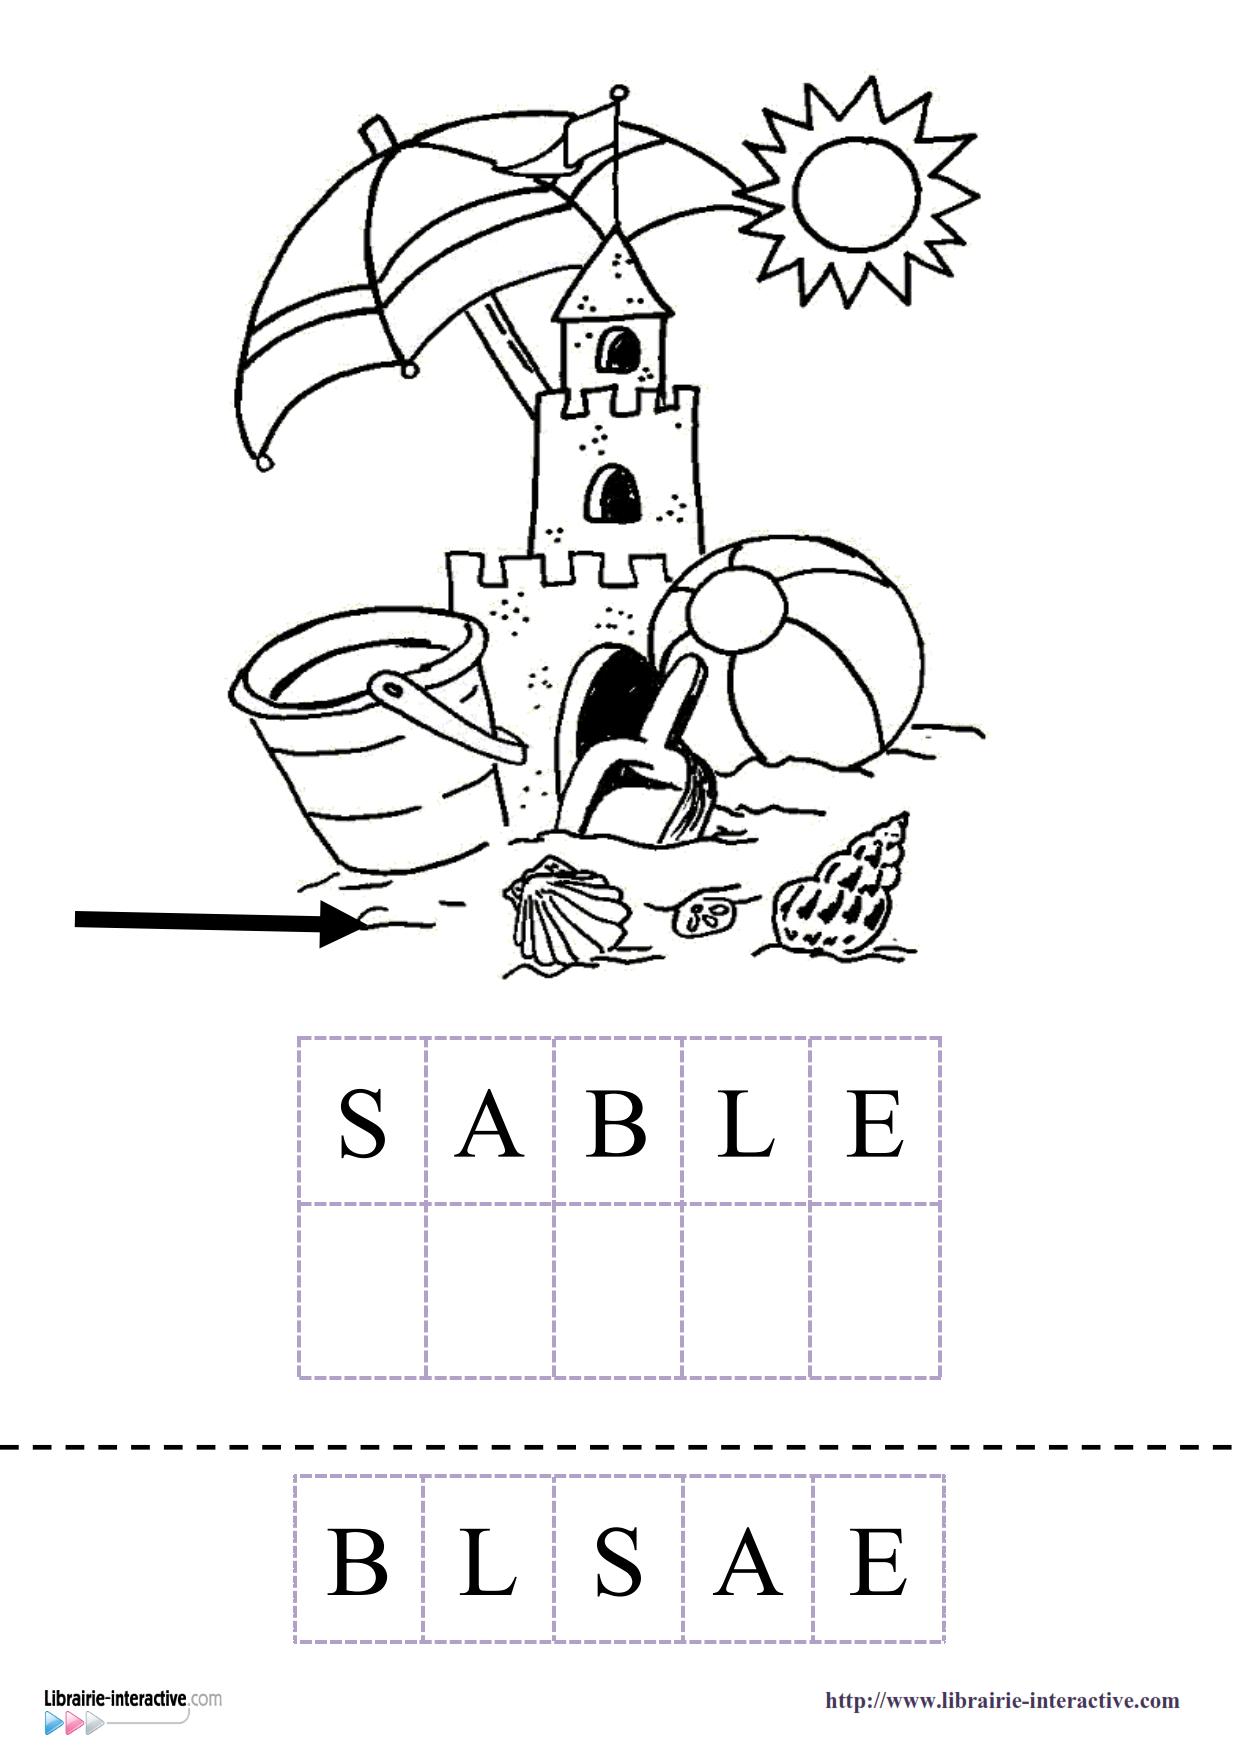 15 Fiches Pour La Maternelle (Ps, Ms Gs) Pour Découvrir pour Cahier De Vacances Moyenne Section A Imprimer